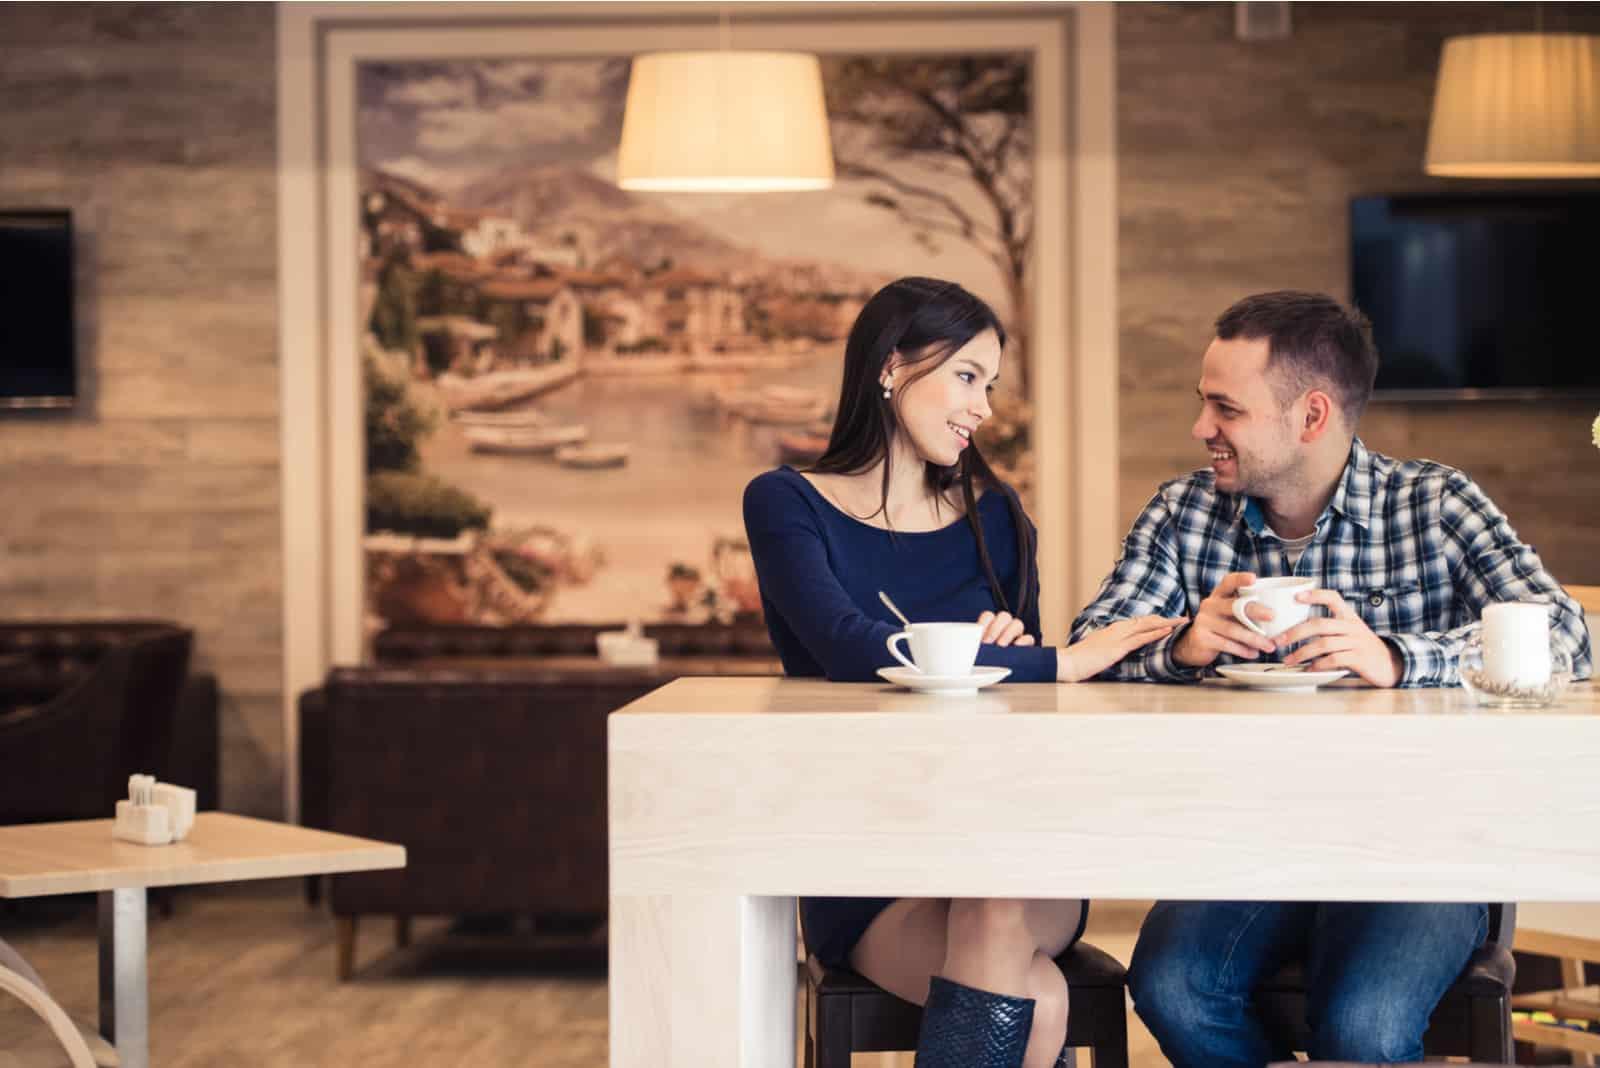 un homme et une femme s'assoient et boivent du café